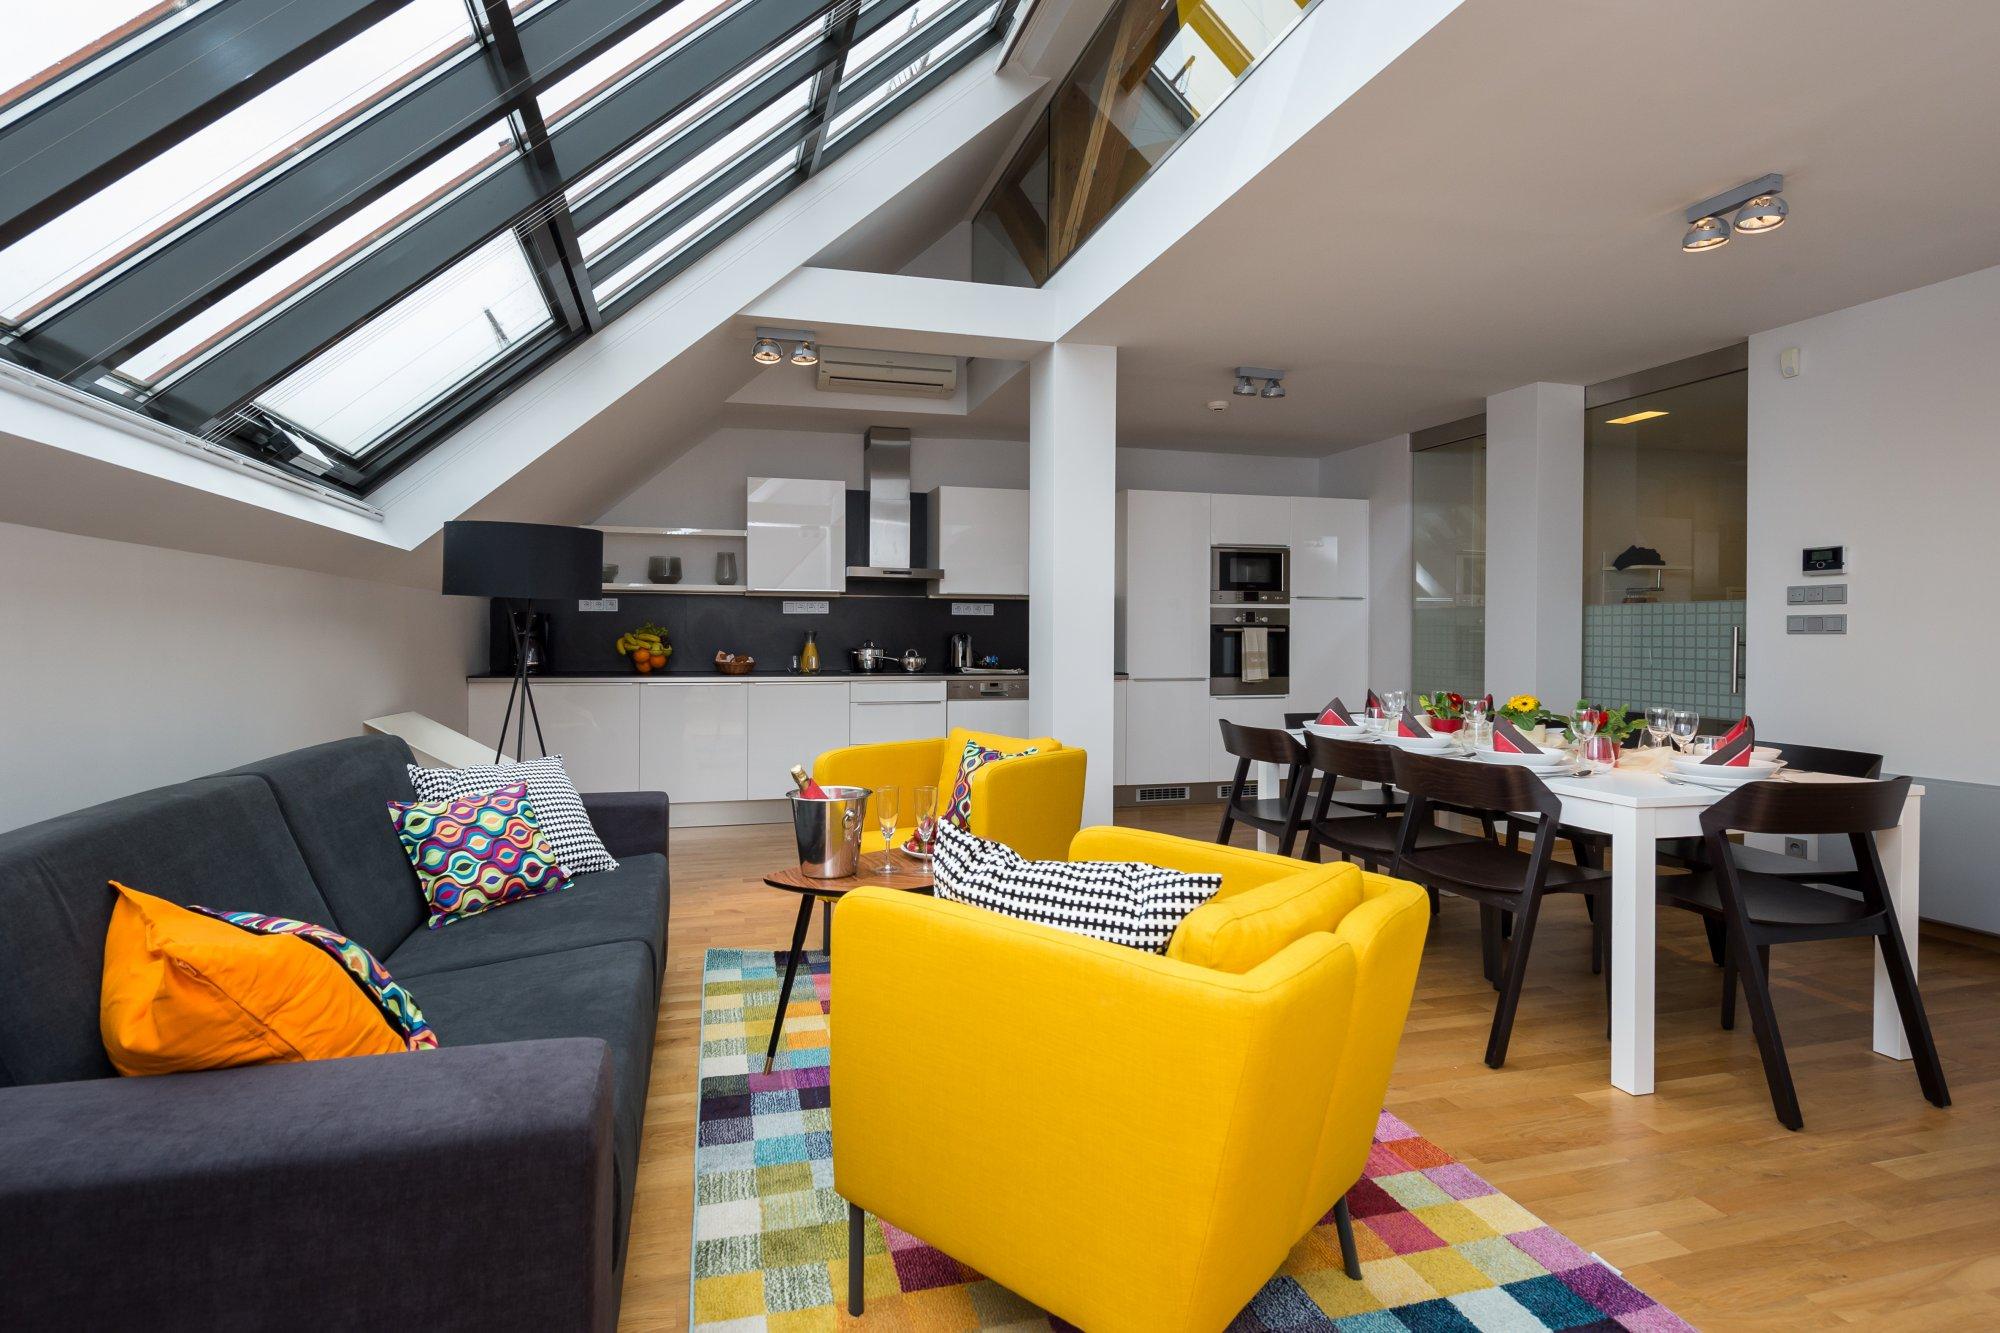 Půdní byt 3+kk, plocha 143 m², ulice Růžová, Praha 1 - Nové Město | 1